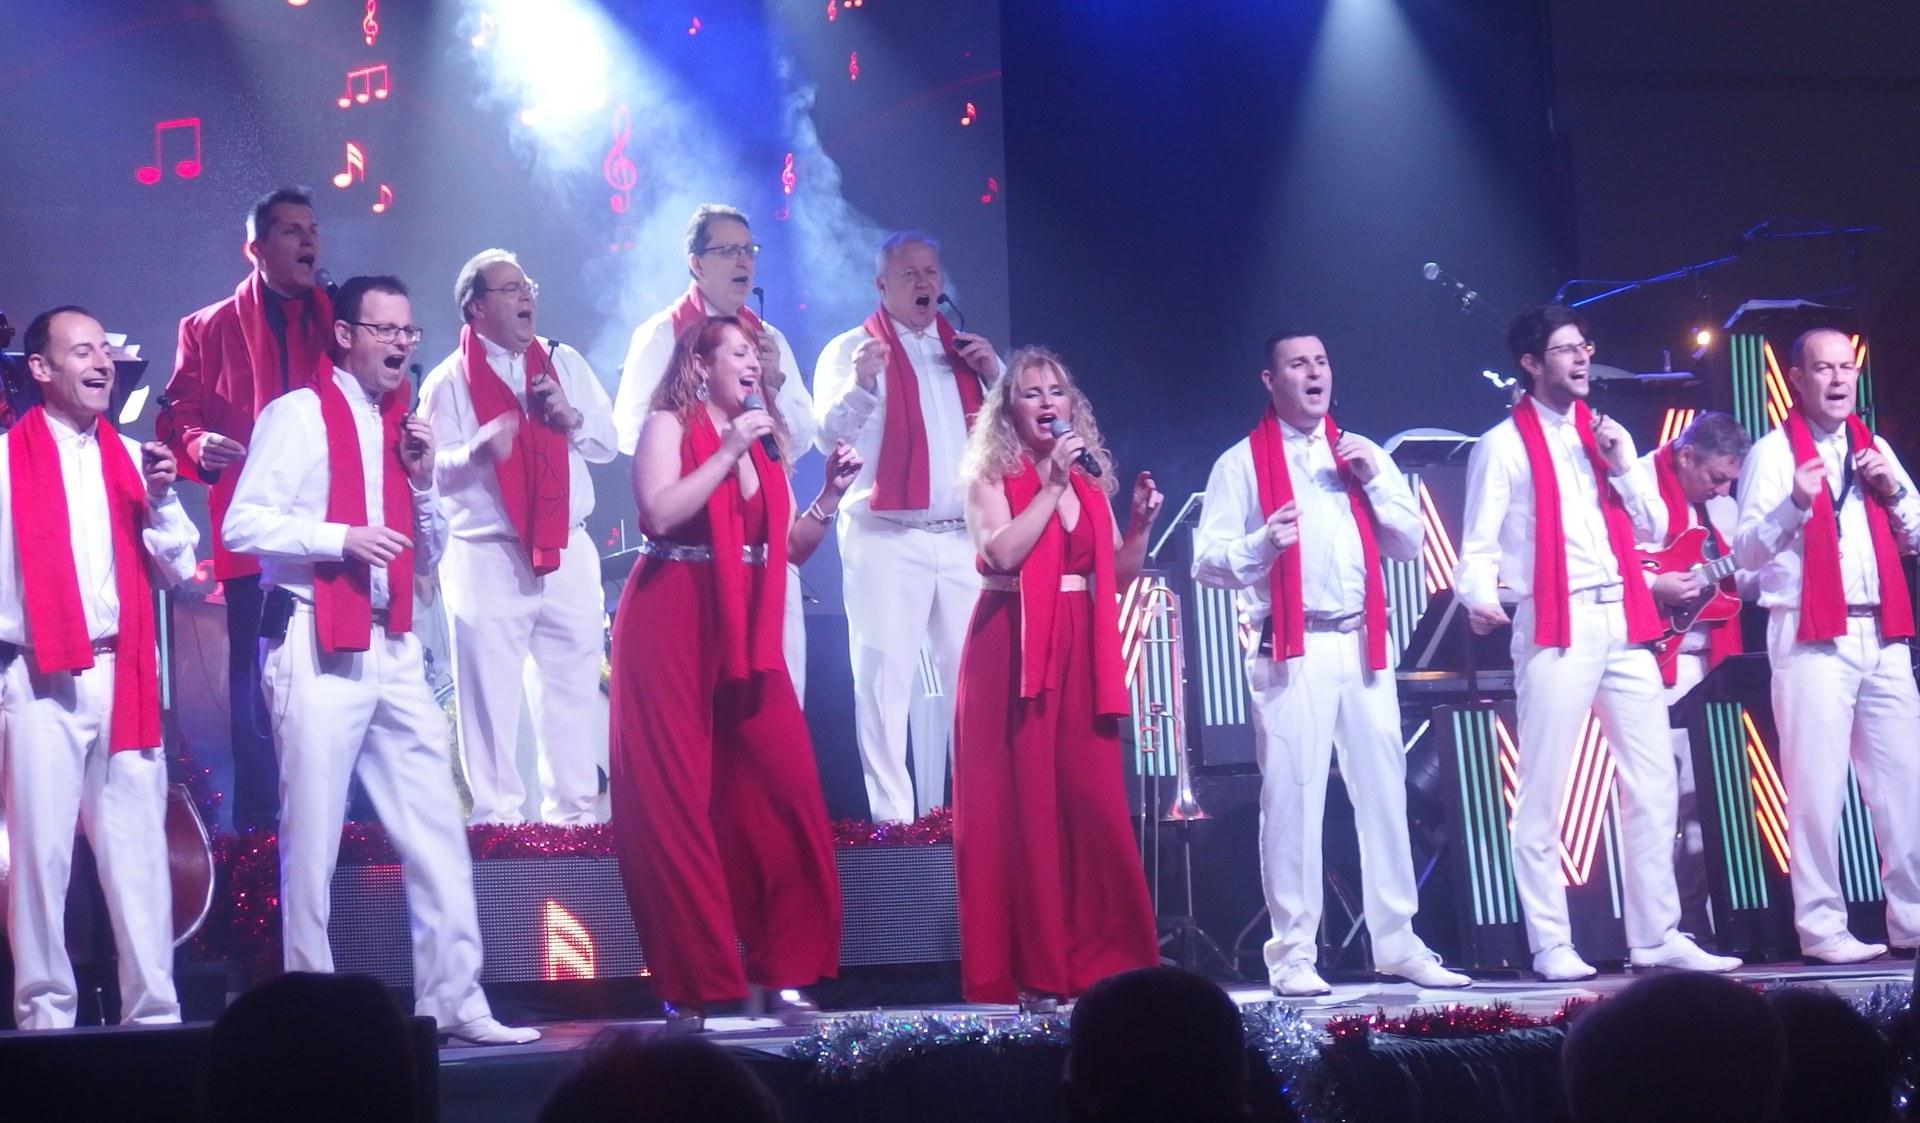 L'Orquesta Maravella en el concert que va fer a Sitges en el Nadal 2019